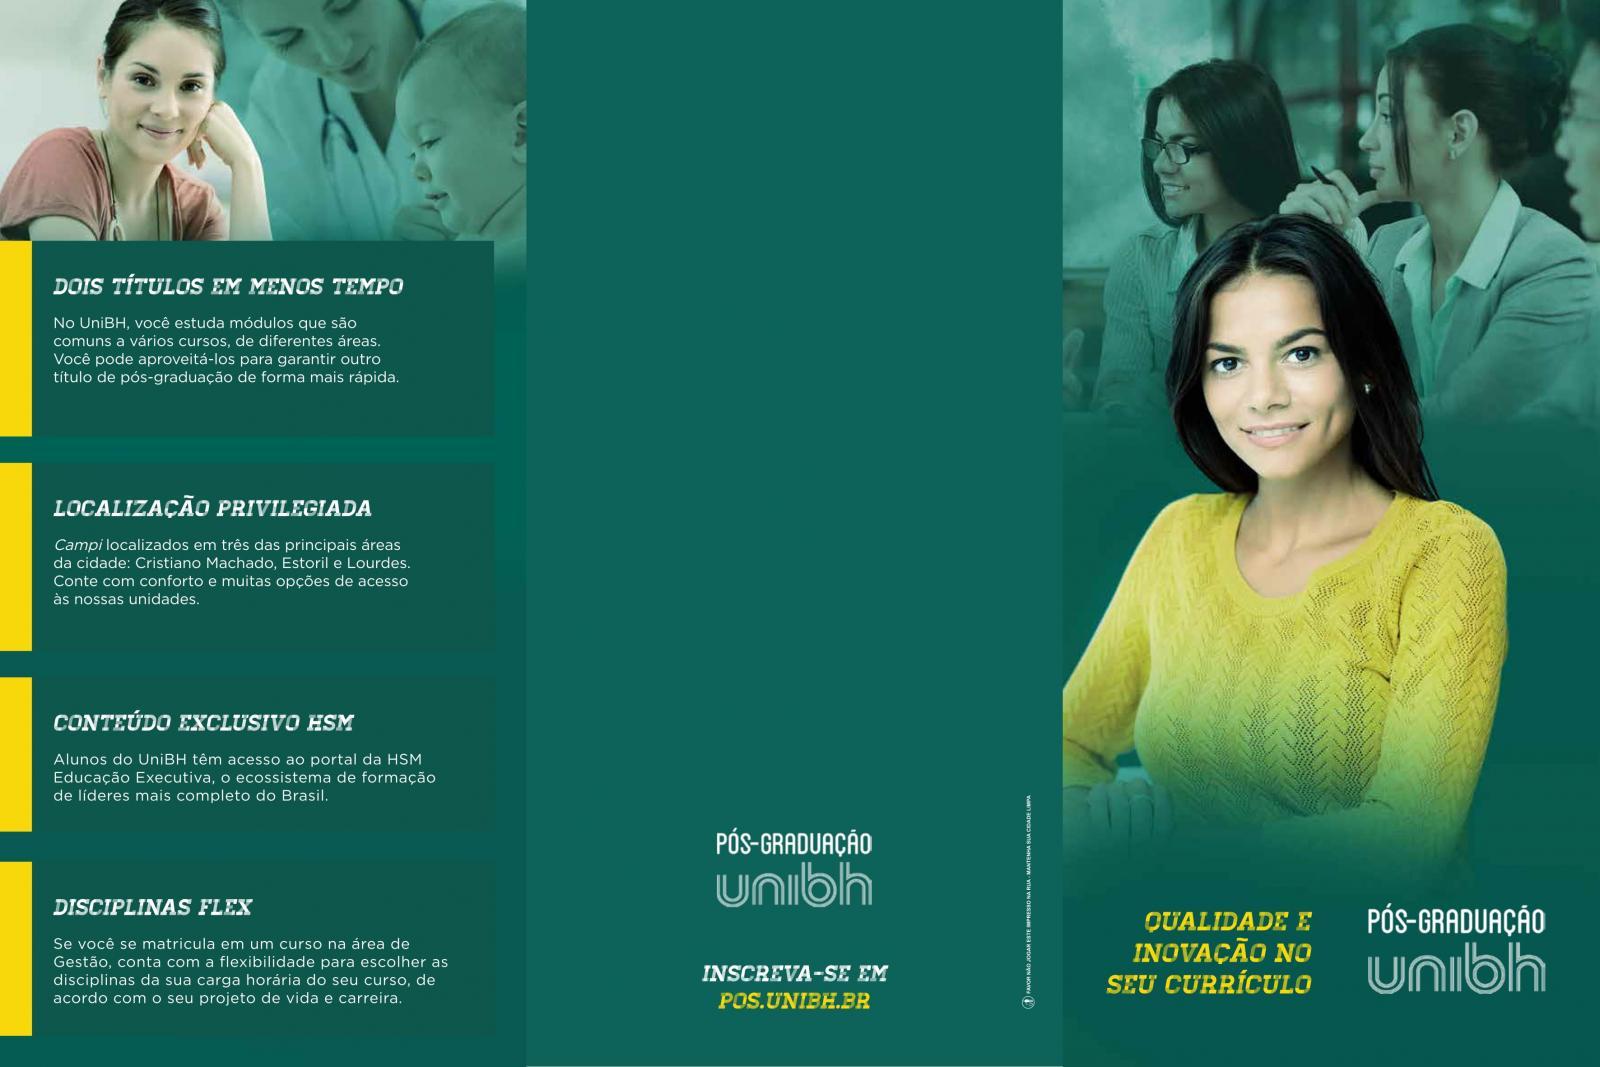 UNIBH_pos_graduacao_cursos-2.jpg